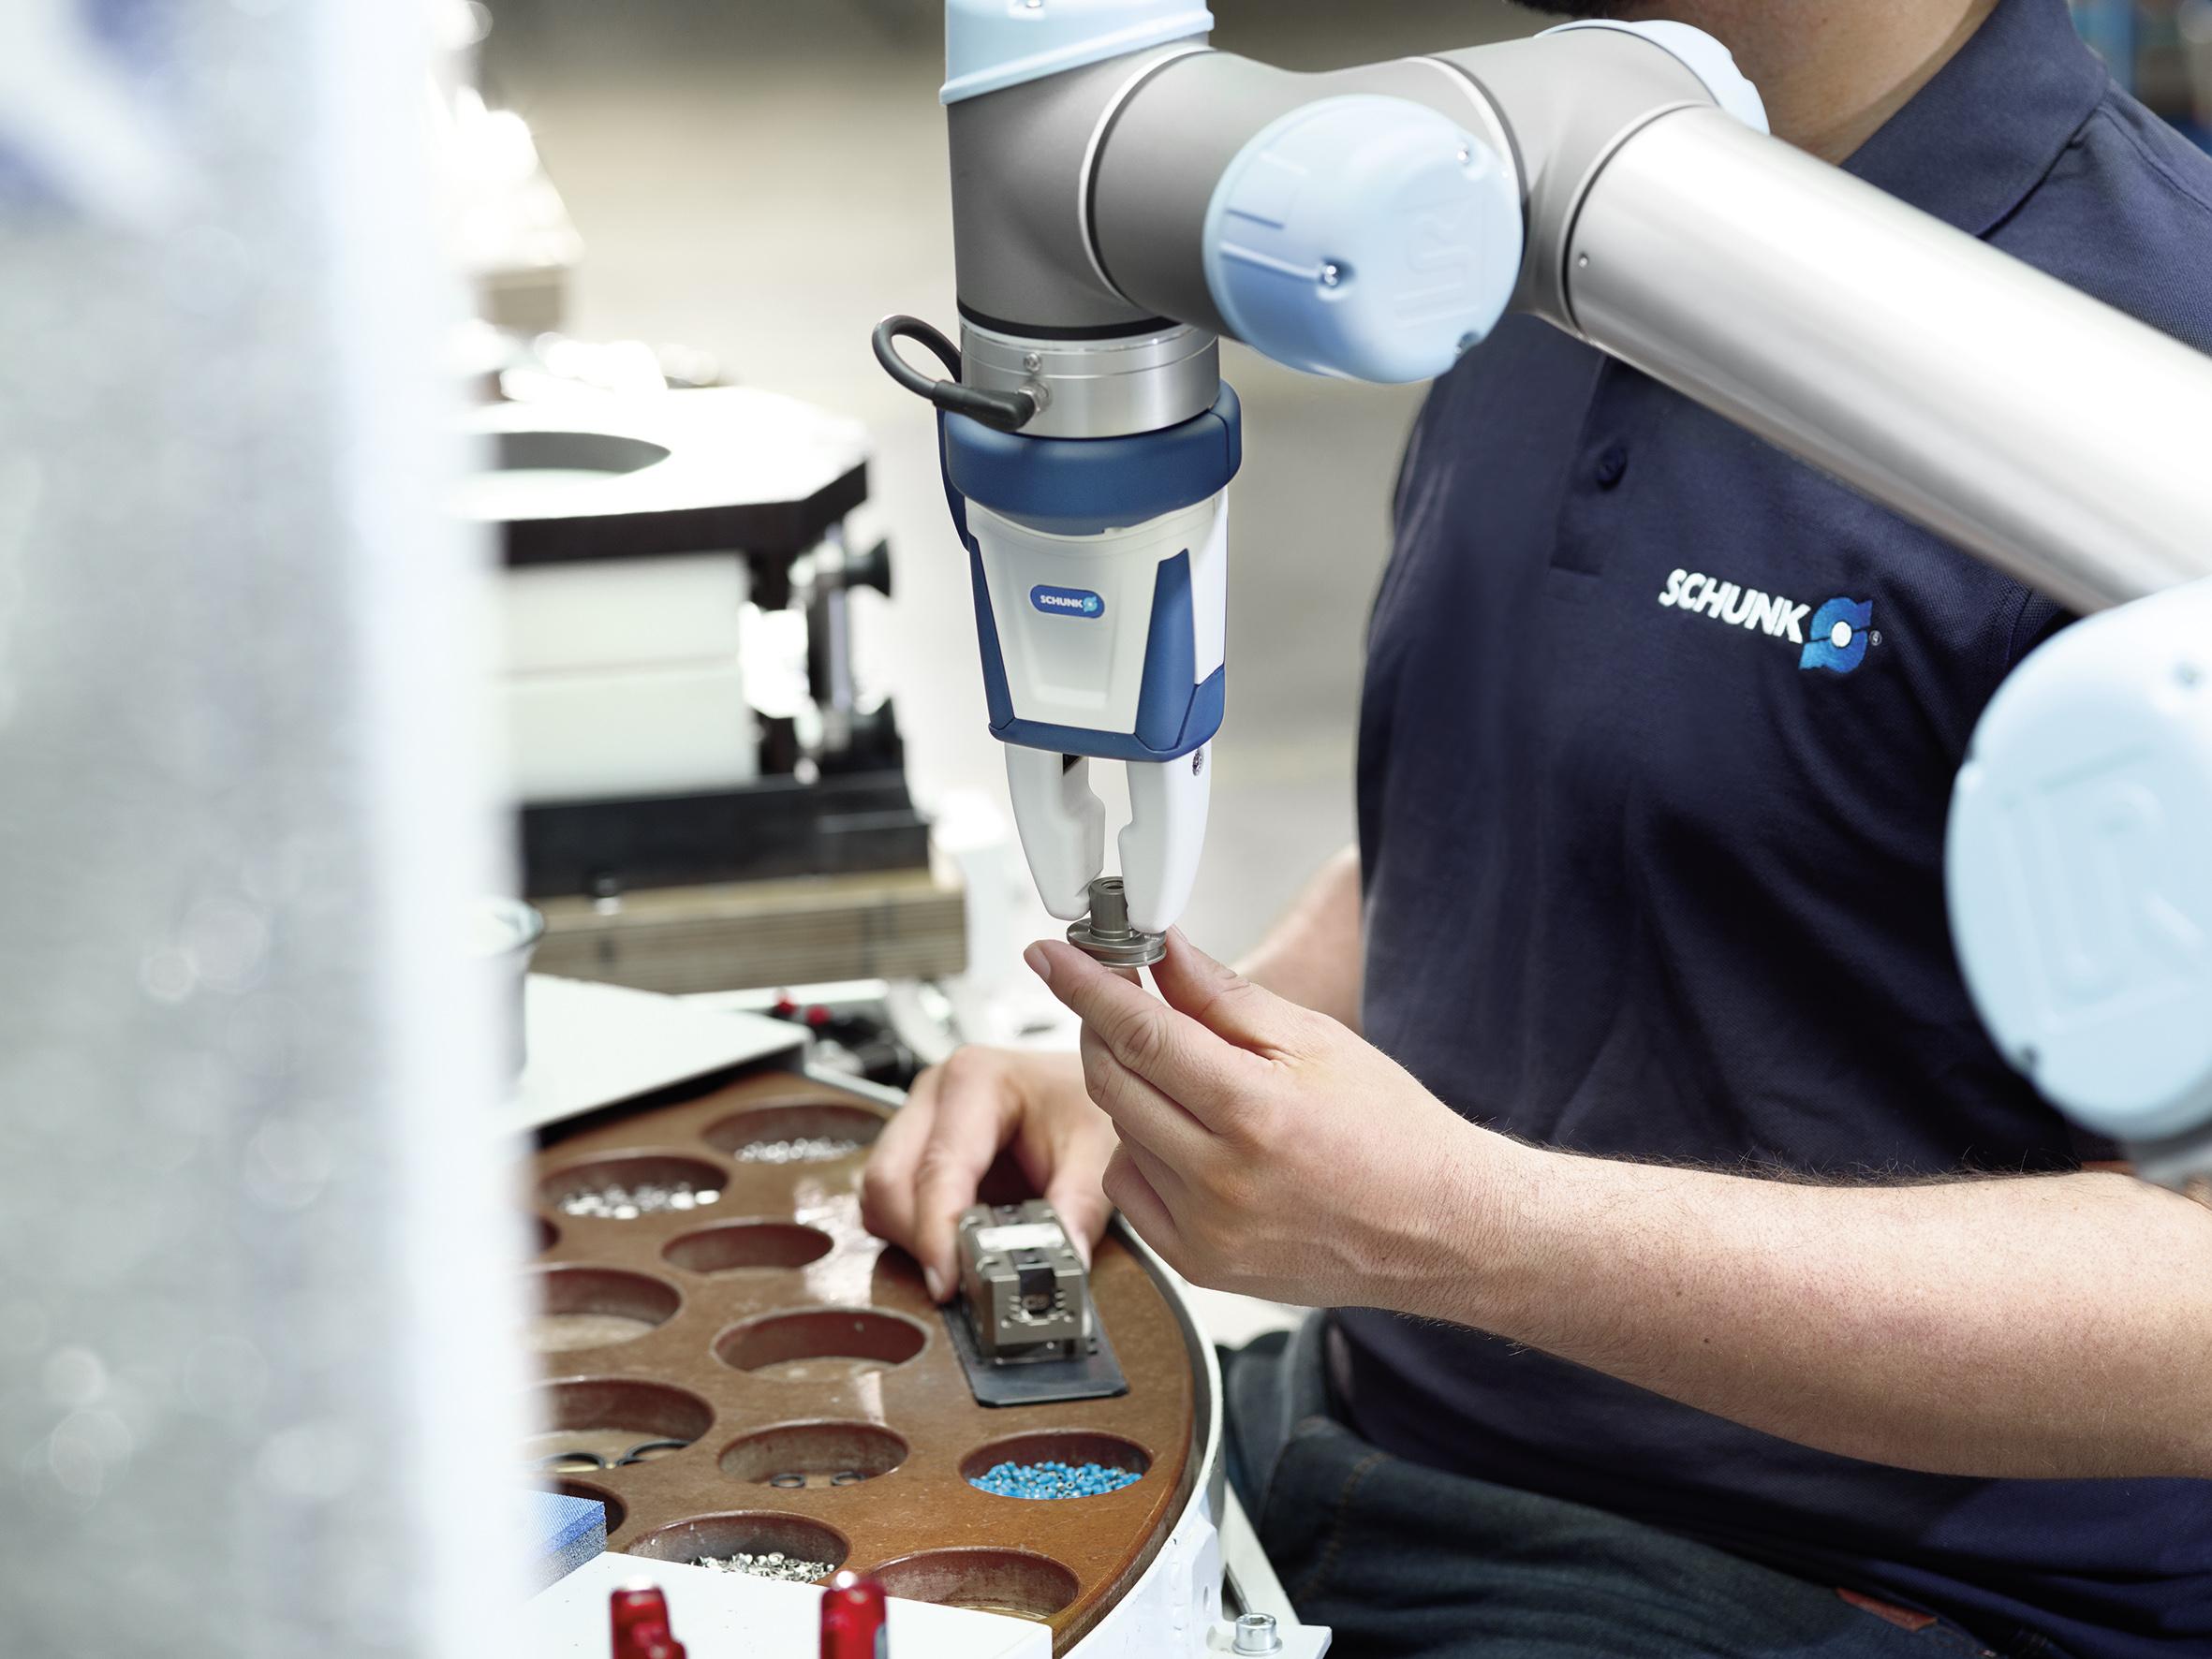 SCHUNK celebra la úndecima edición de los Expert Days sobre robótica de servicio